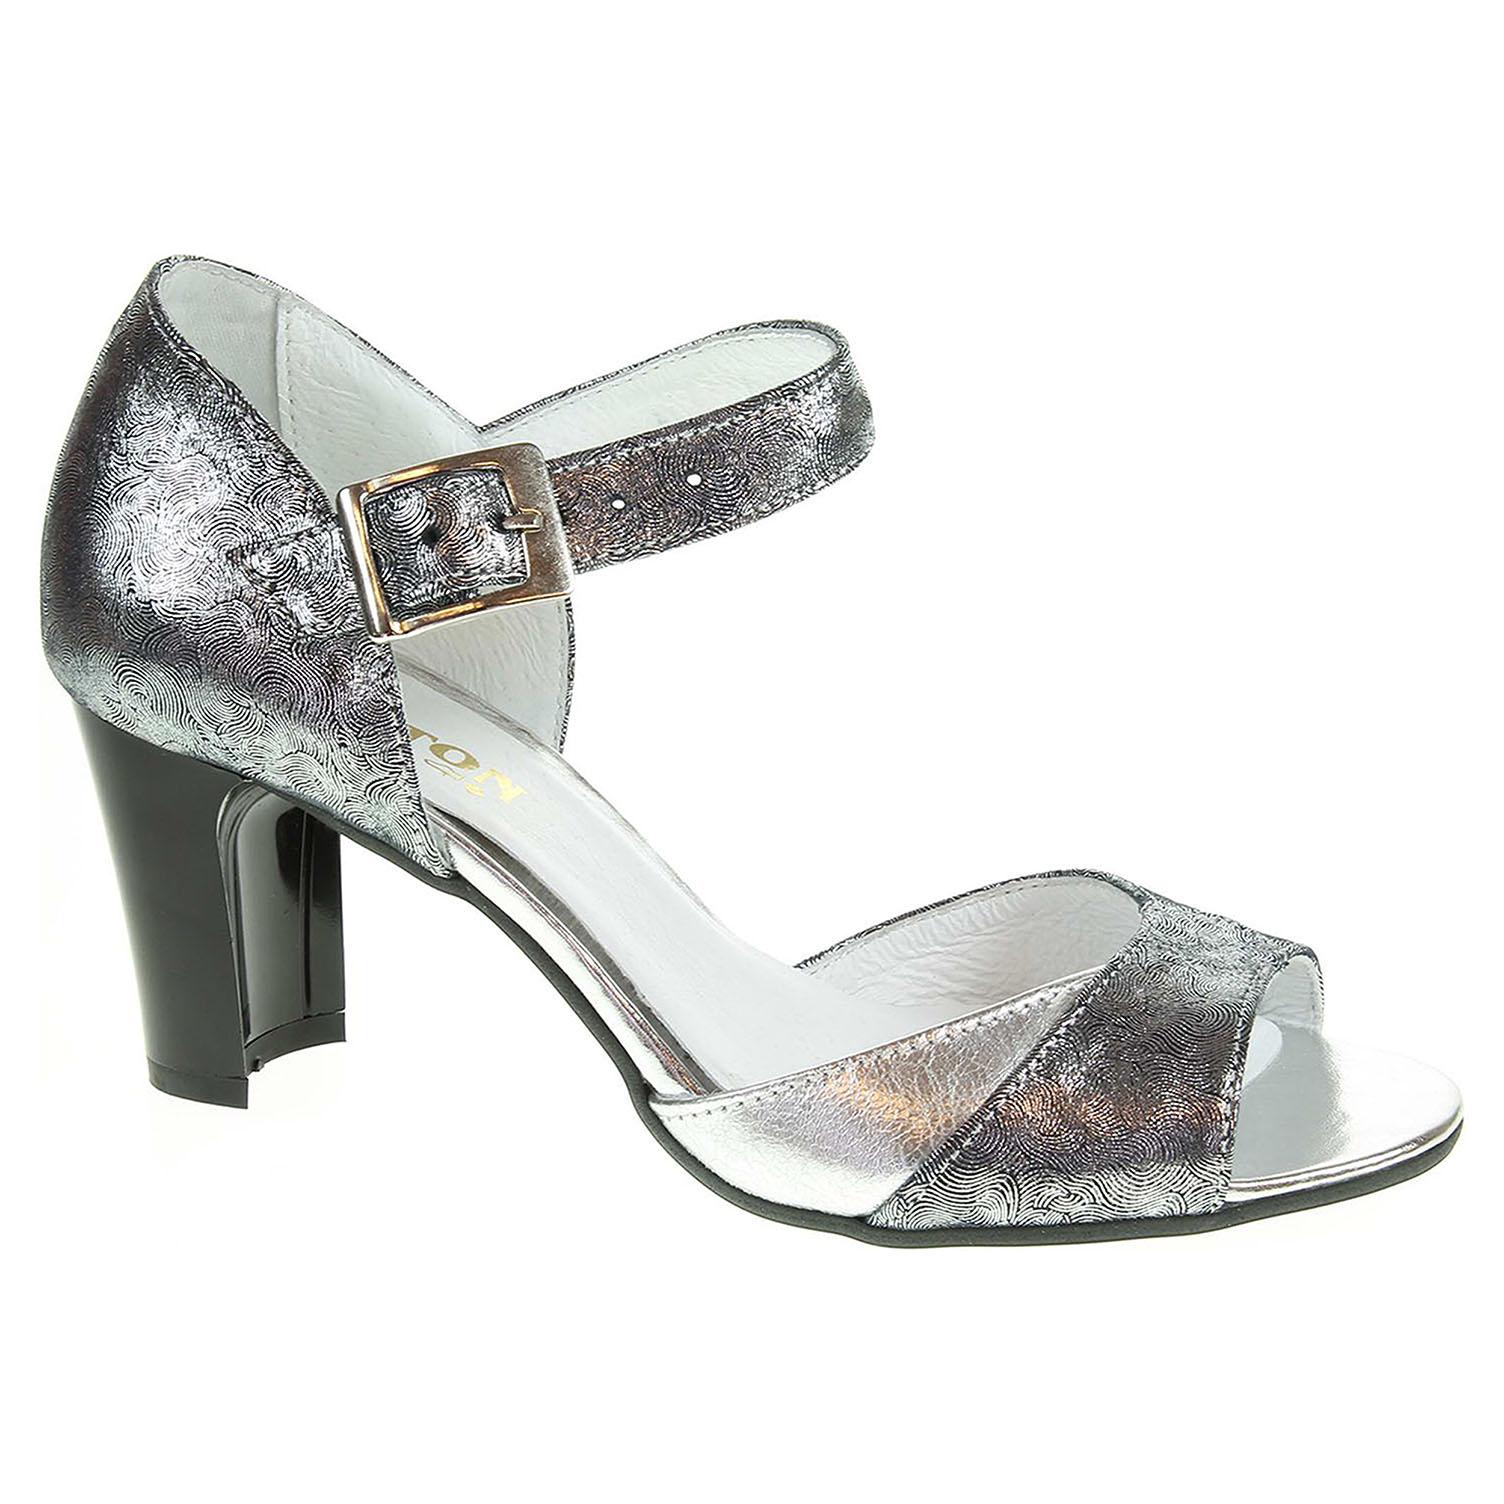 13684acb3134d Dámska spoločenské topánky Barton 1781 stříbrné | REJNOK obuv